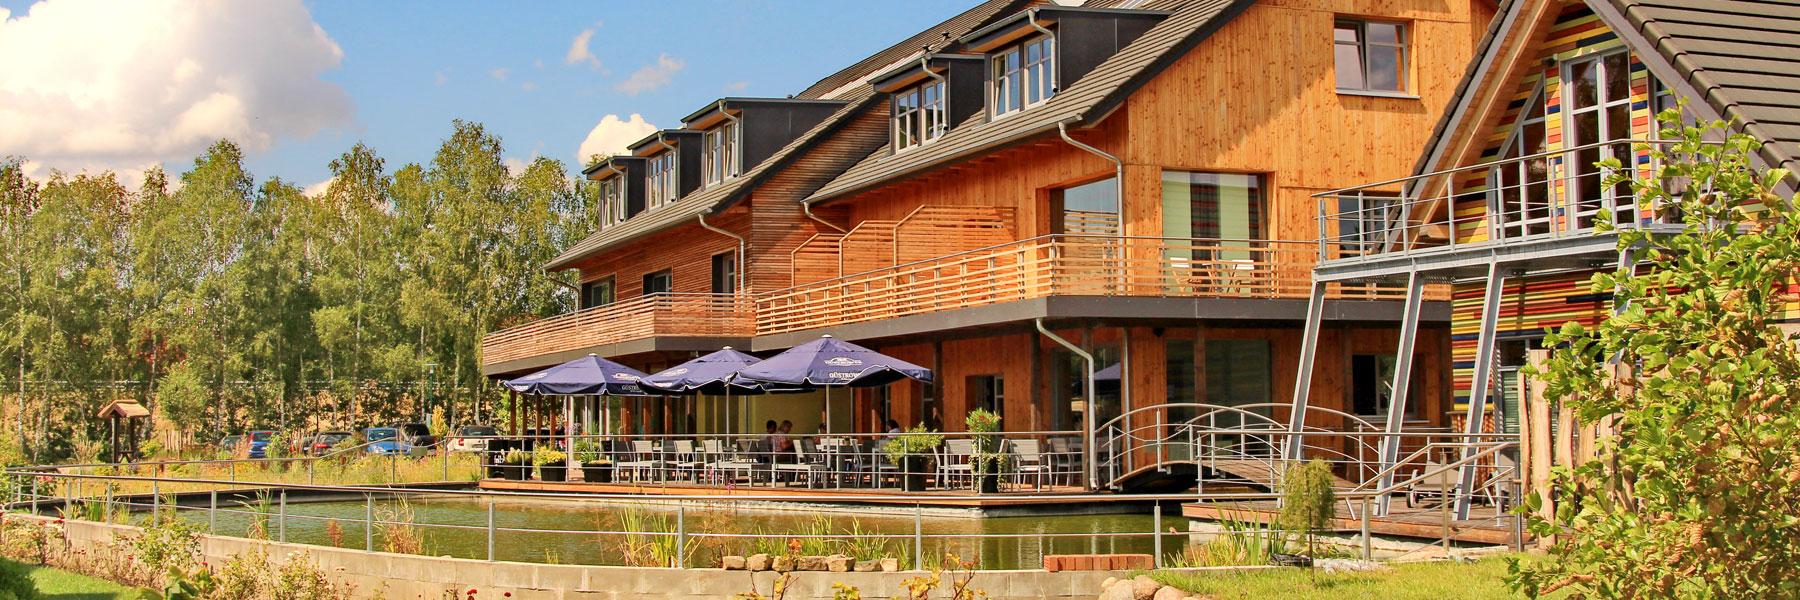 Appartementhaus Plau - Fischerhaus Plau am See